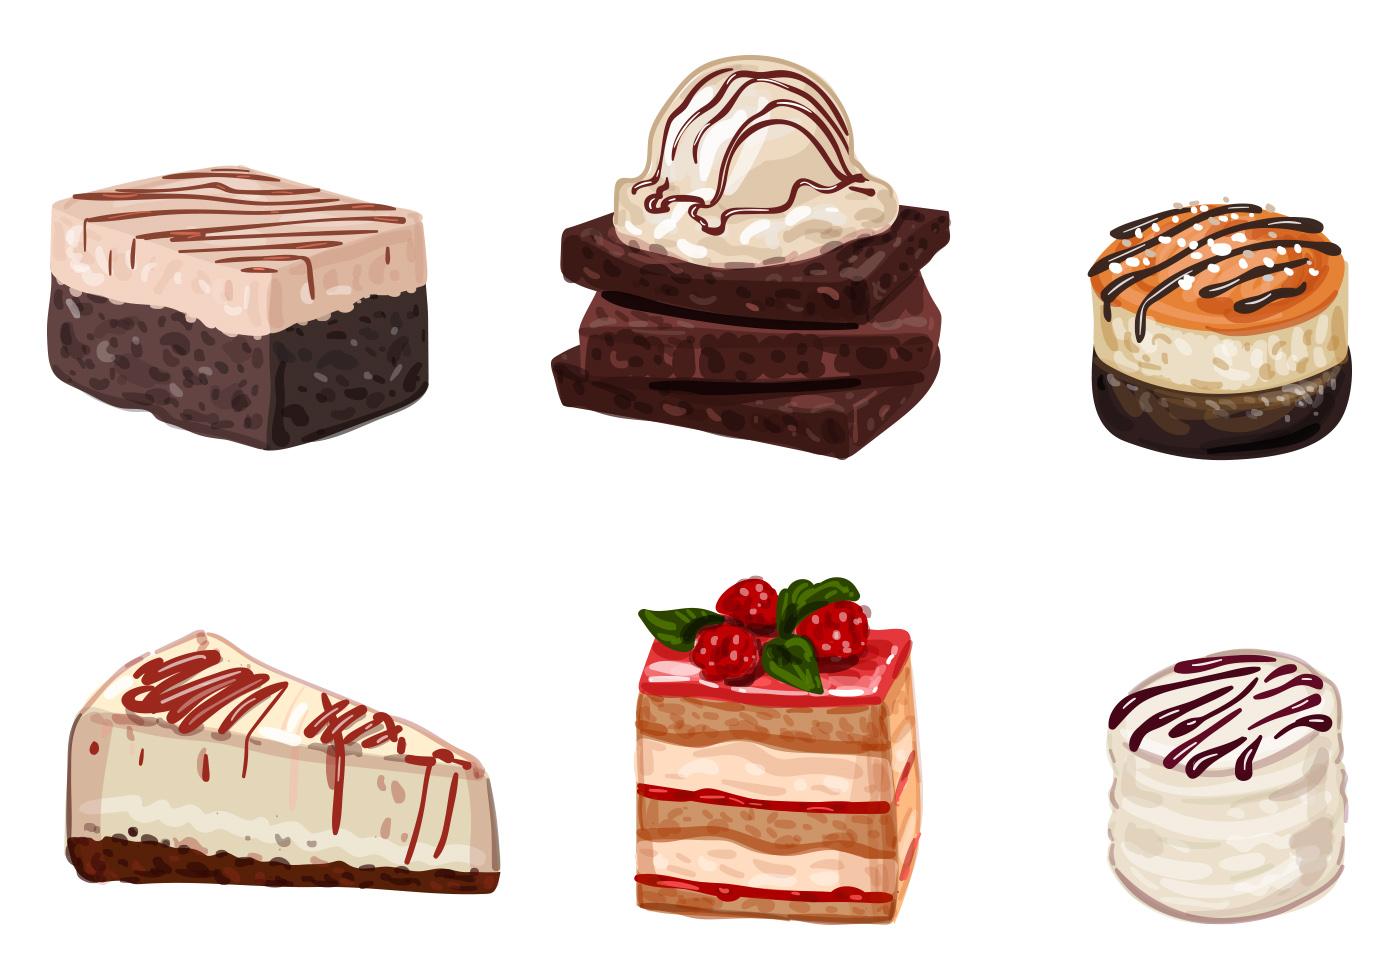 Cake and Dessert Vectors - Download Free Vector Art, Stock ...